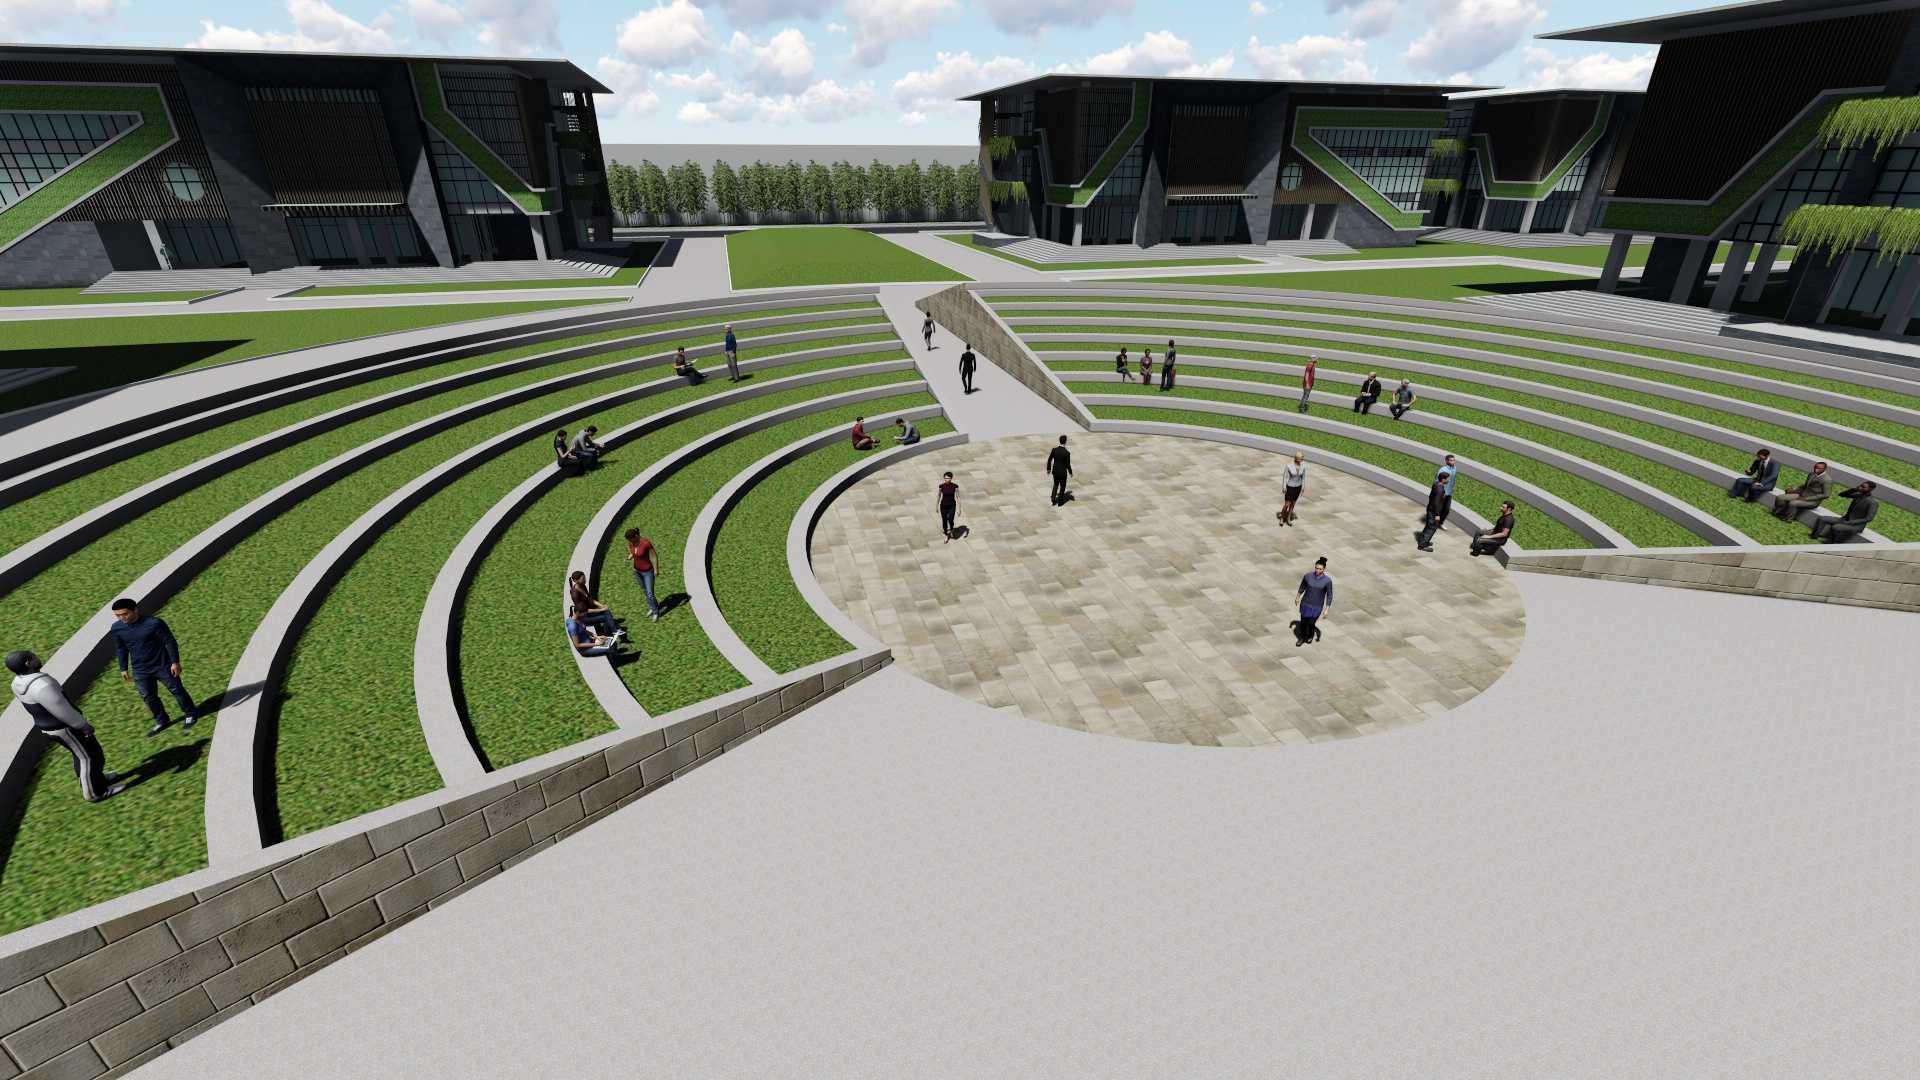 Dap Studio Sekolah Tinggi Pariwisata Bandung Bandung Bandung Amphitheater   21021